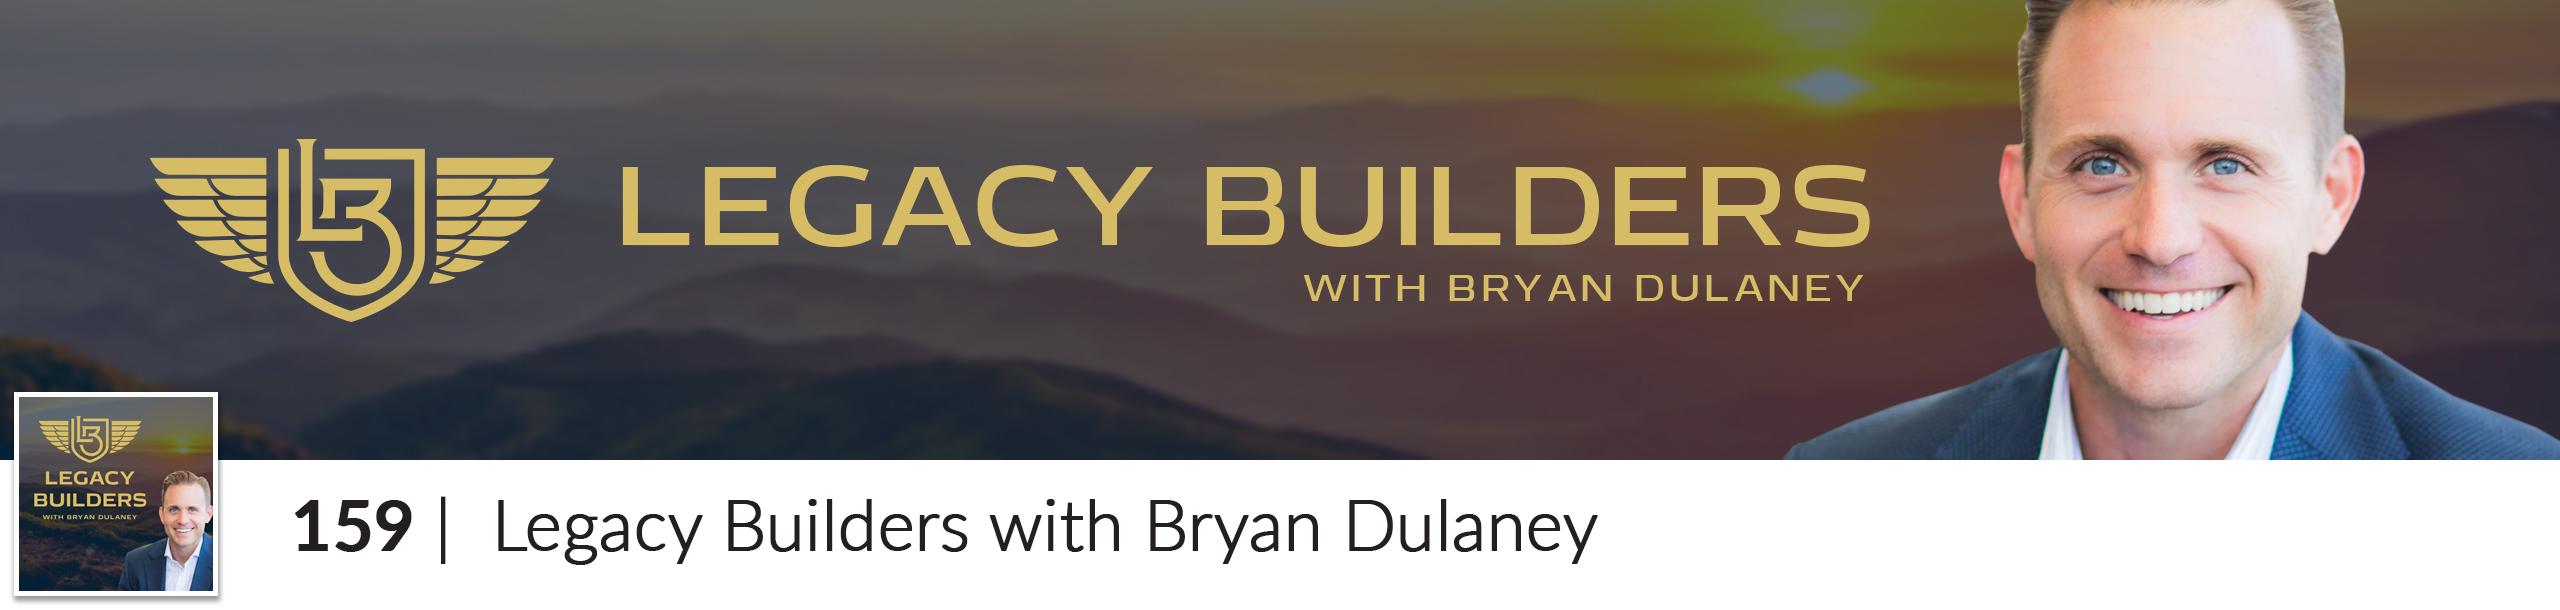 Legacy_Builders-header01